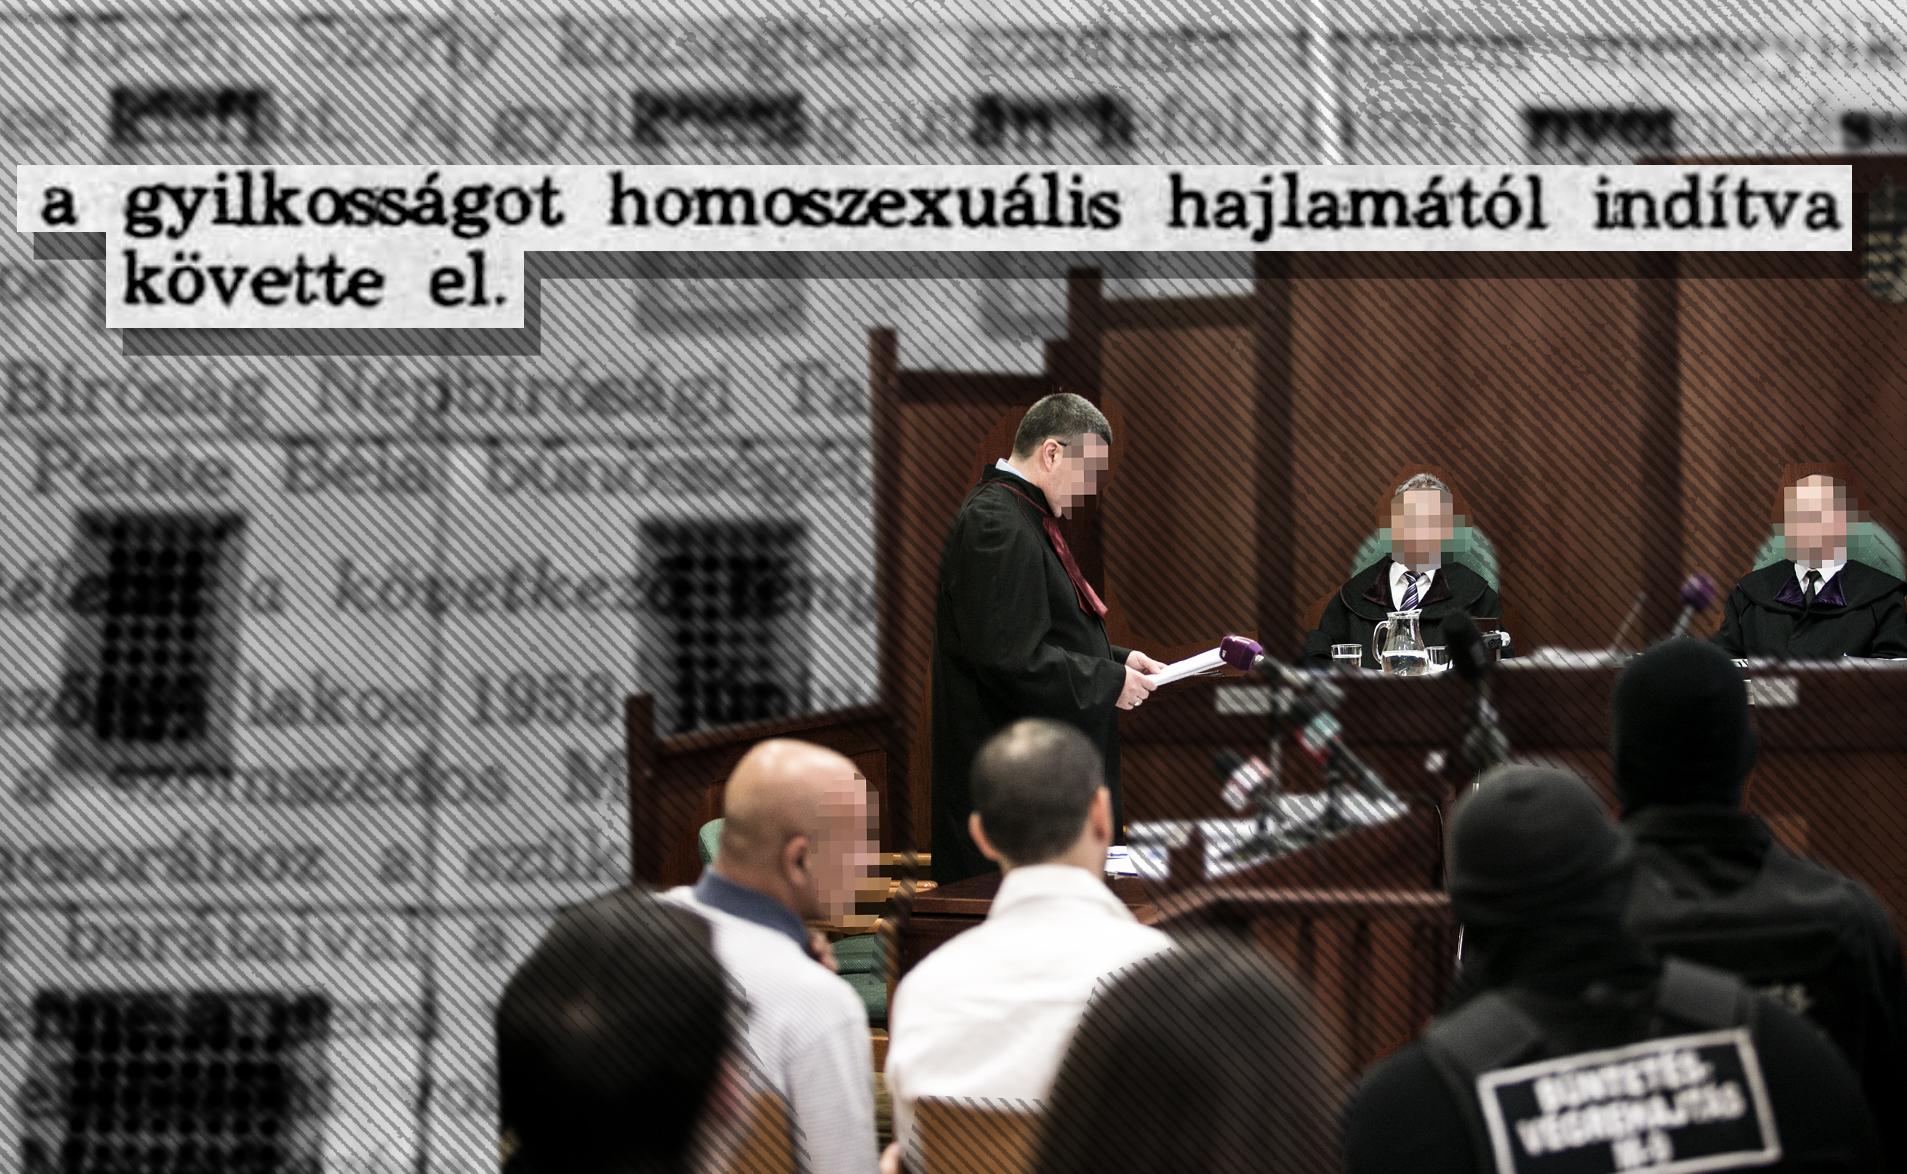 A győri bíróság egy 50 évvel ezelőtti, ferde hajlamúakat emlegető ítélet alapján enyhítette egy gyilkos büntetését